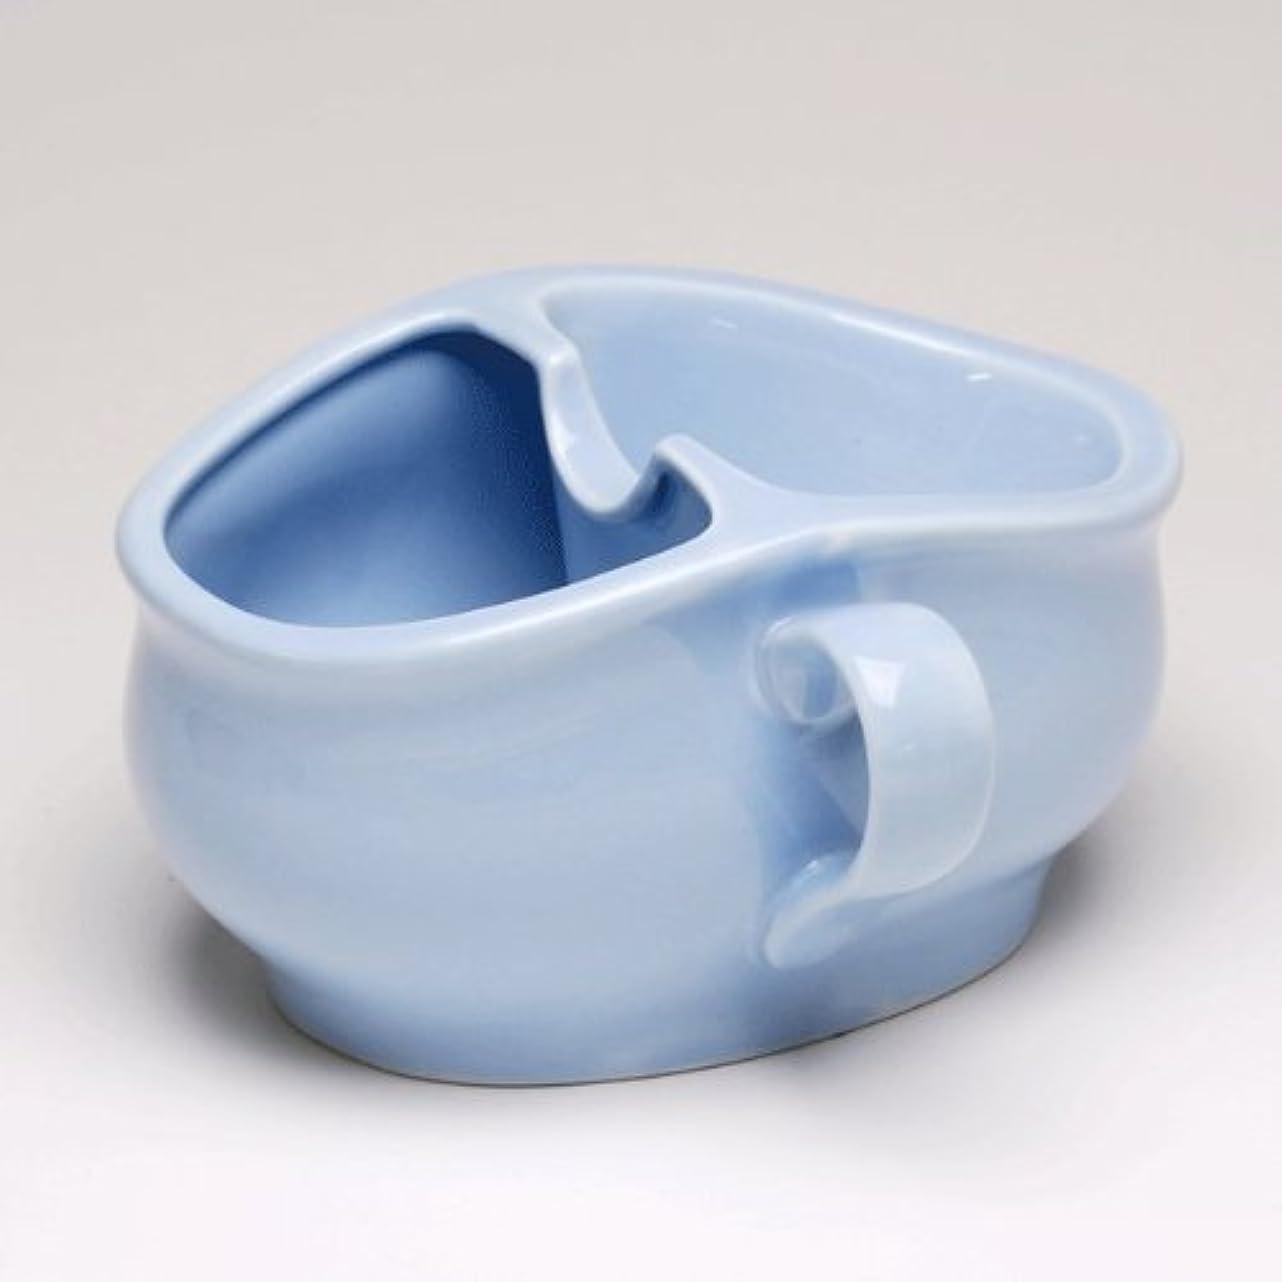 社交的平行賢いパーフェクト シェービングカップ ブルー